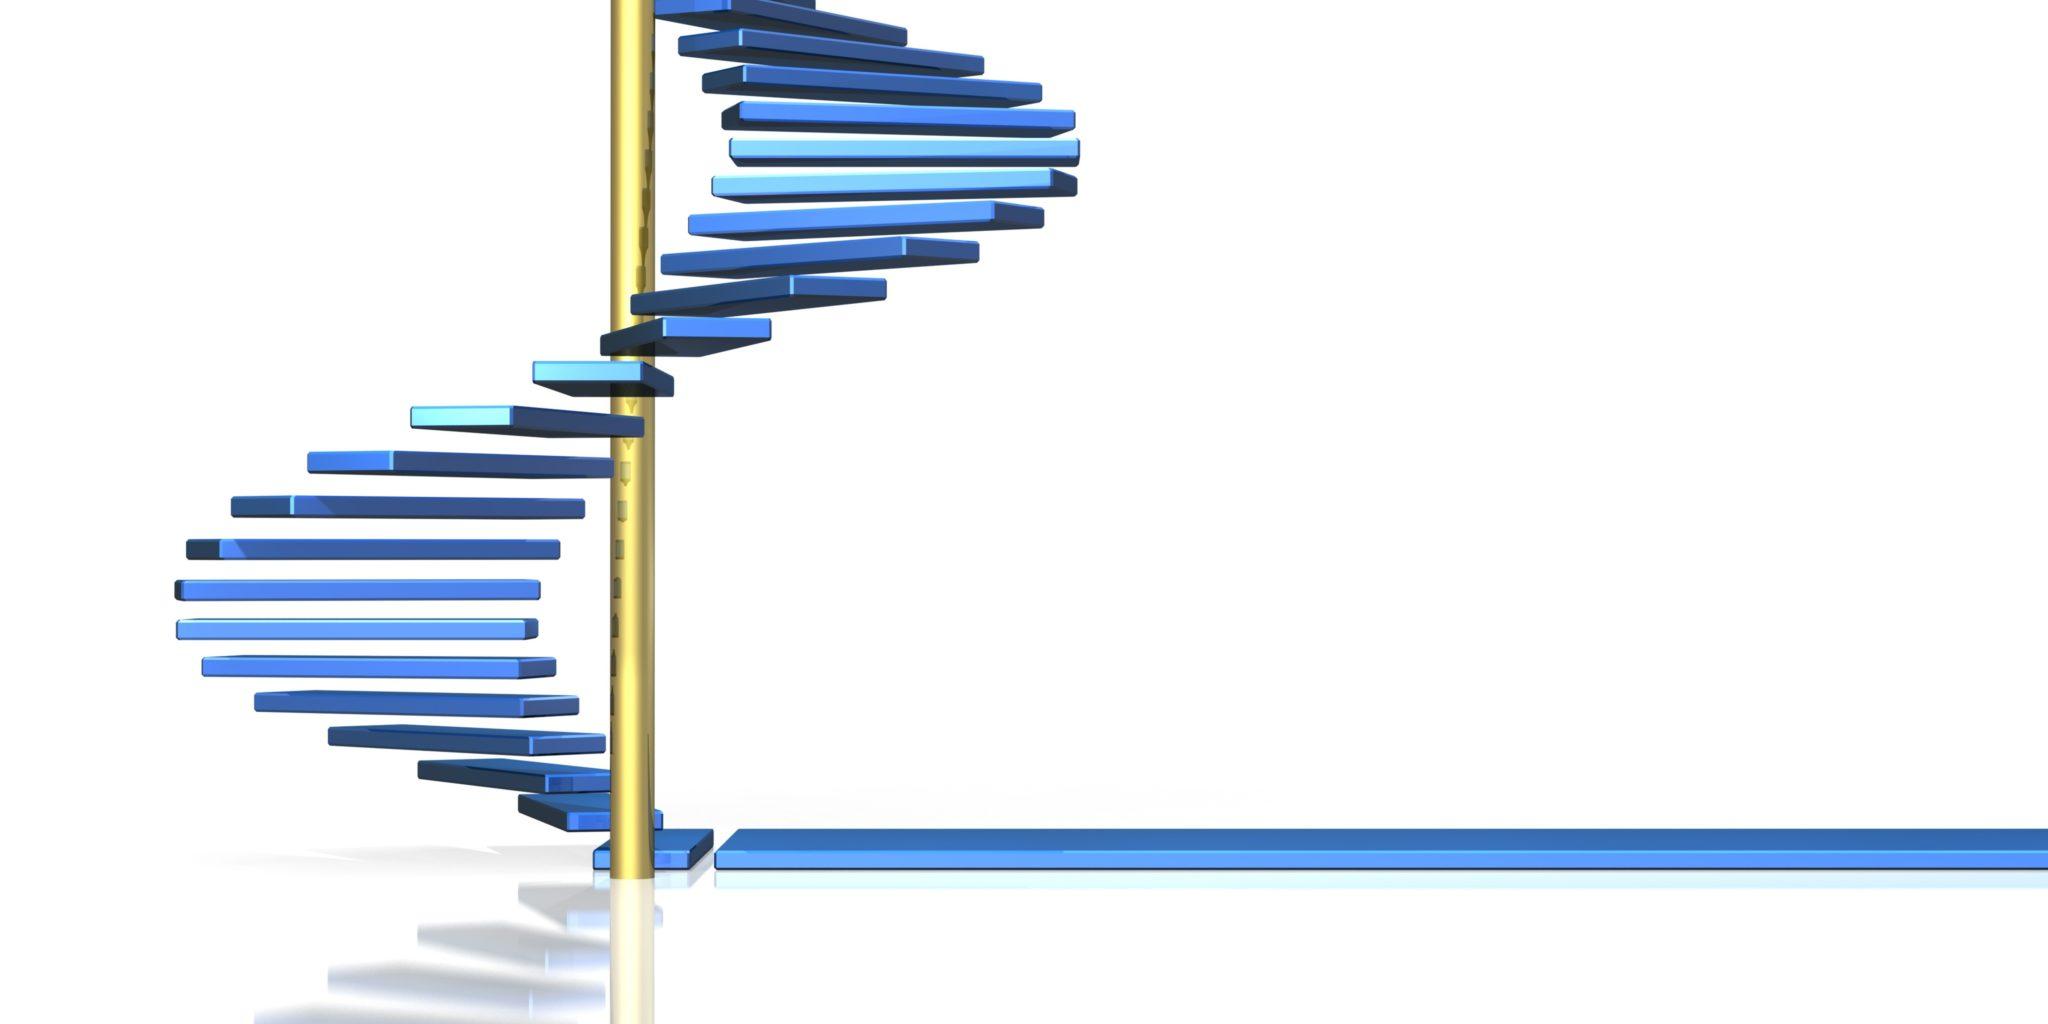 青い螺旋階段は、将来を示唆しています